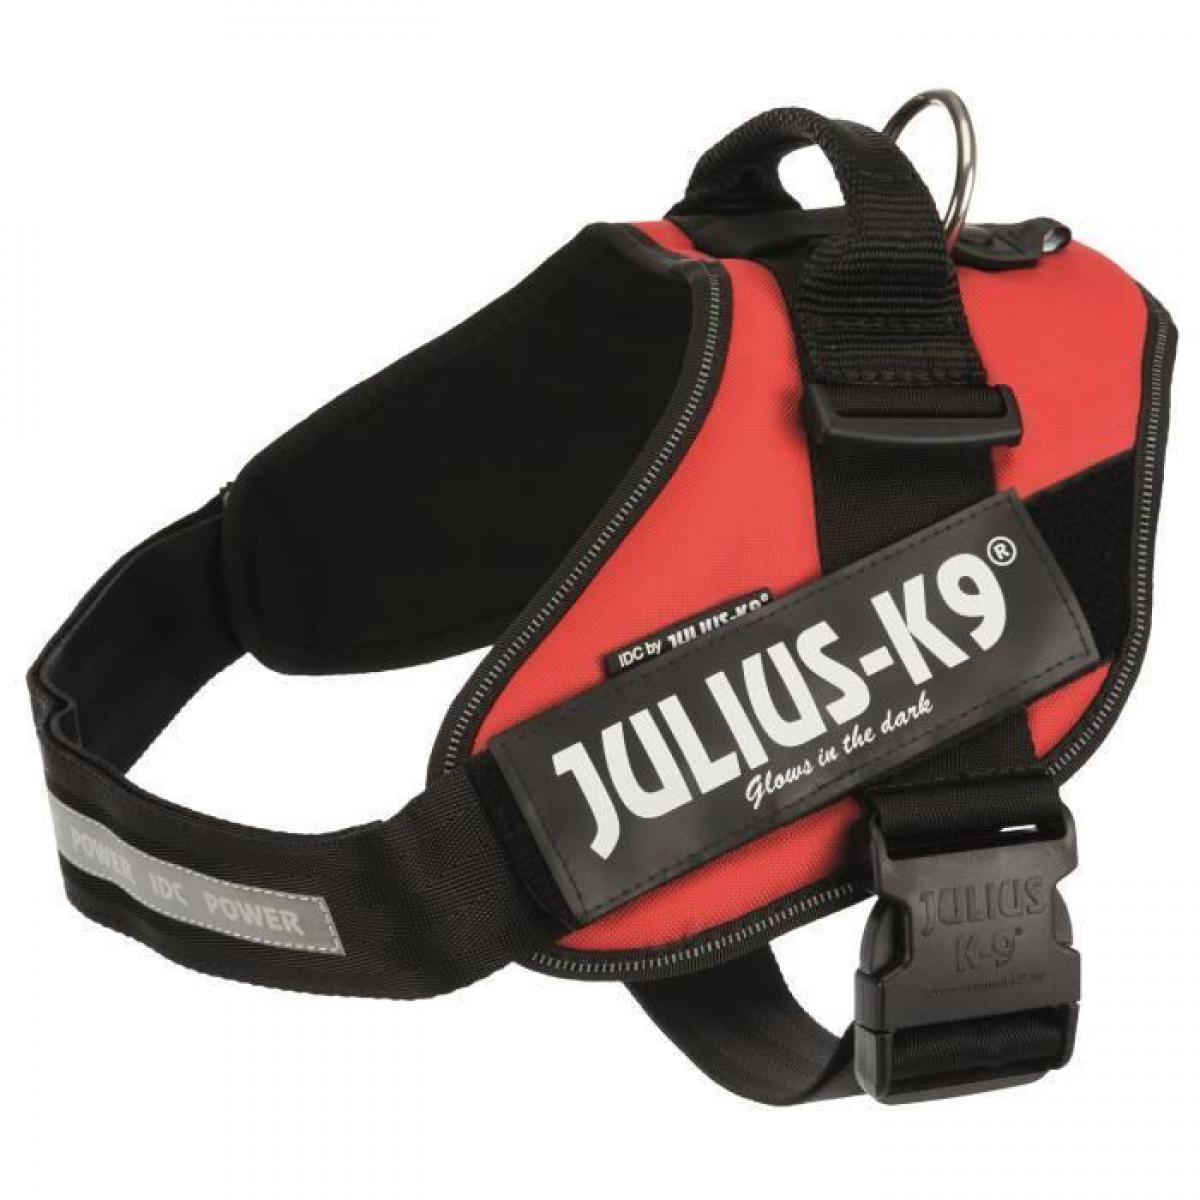 Julius K9 JULIUS K9 Harnais Power IDC 2-L-XL : 71-96 cm - 50 mm - Rouge - Pour chien